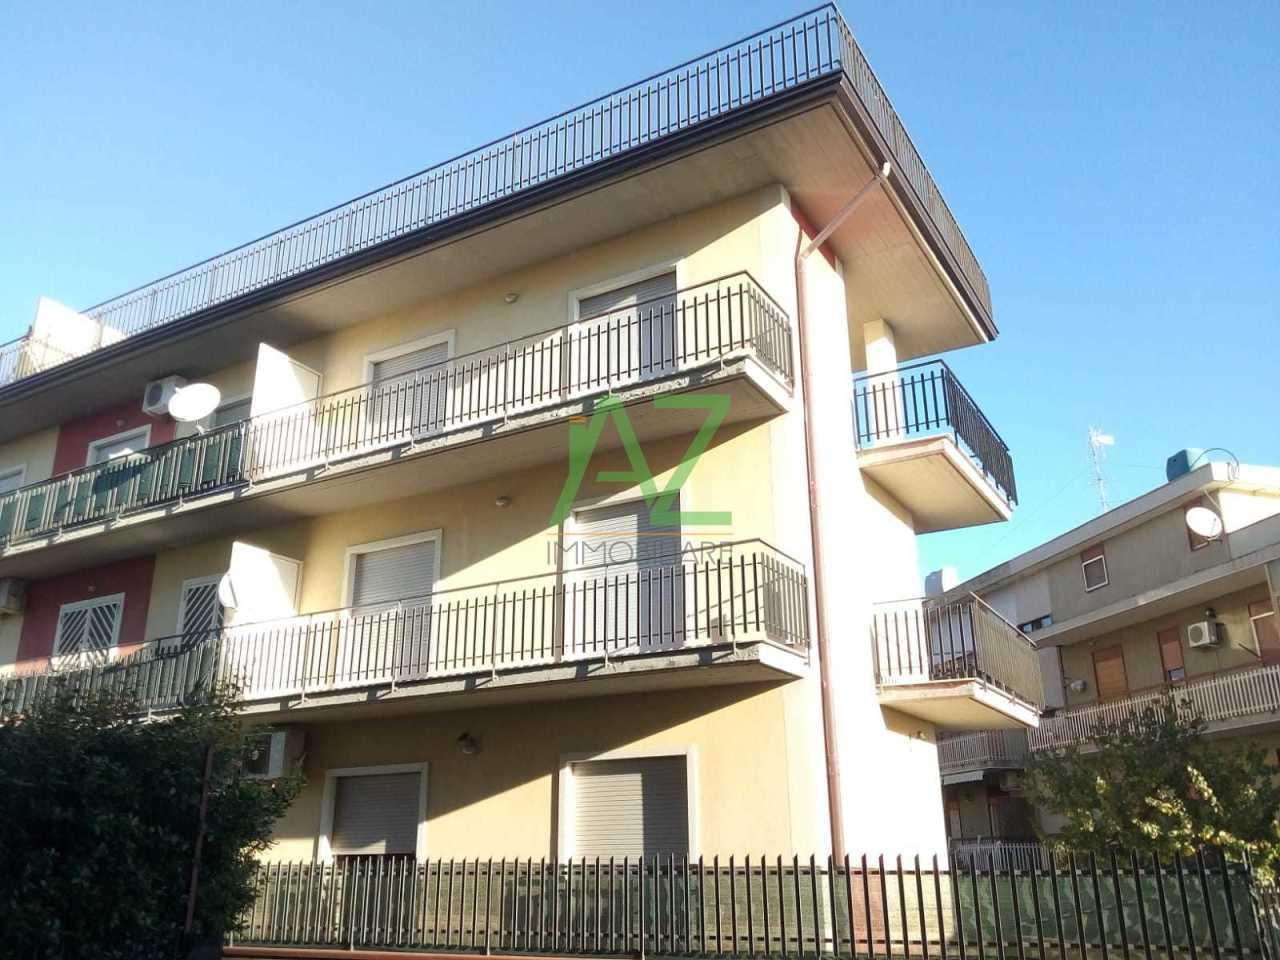 Appartamento a Valle Allegra, Gravina di Catania